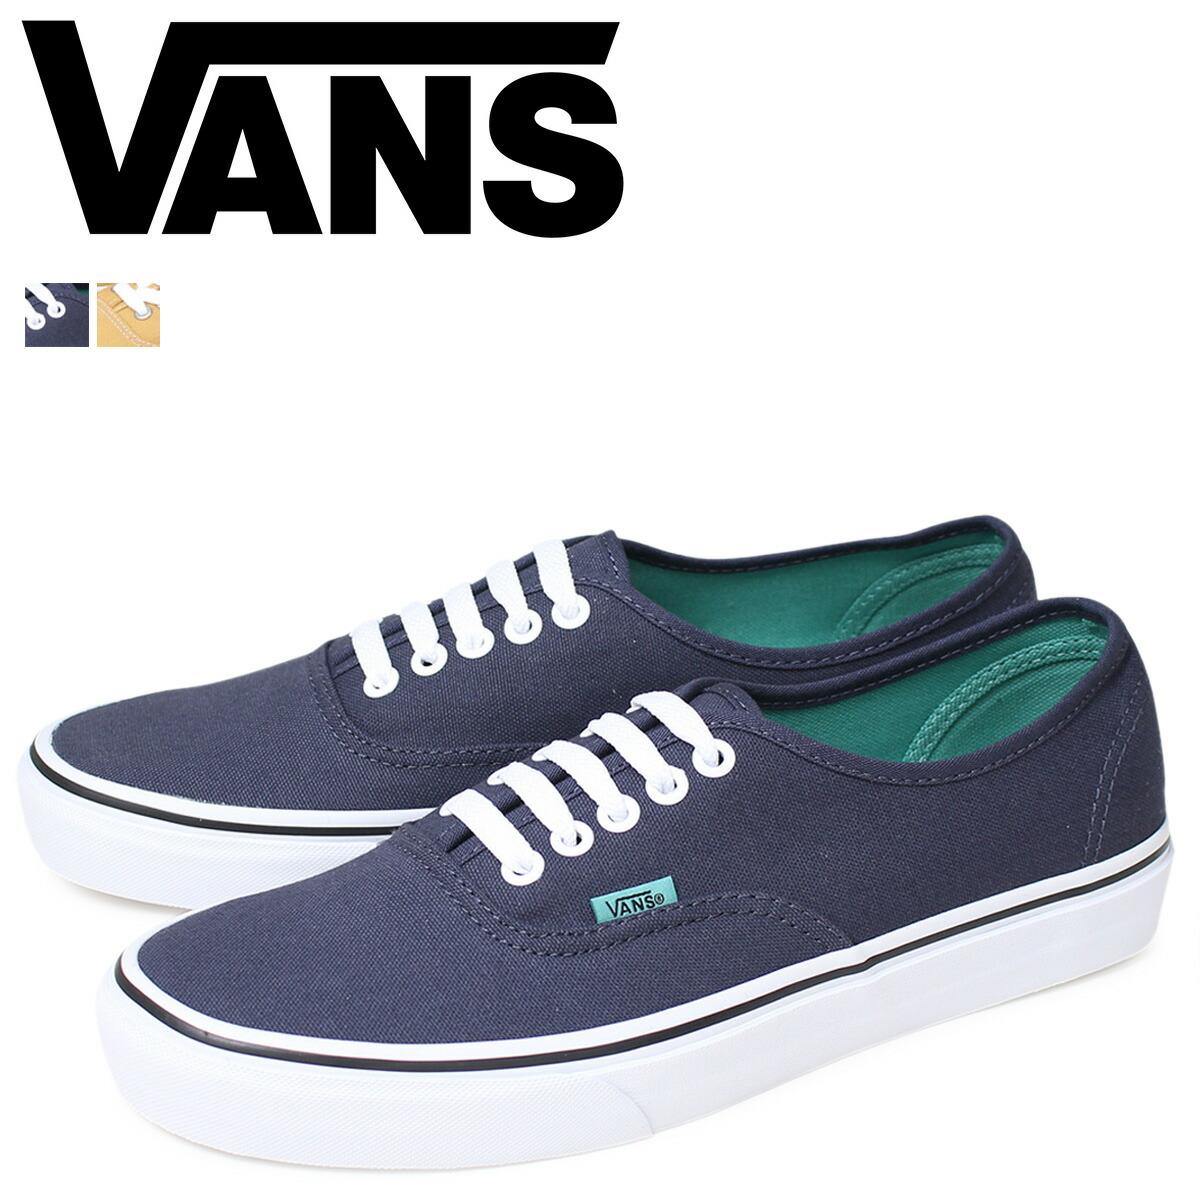 Vans Shoes Popularity In Japan